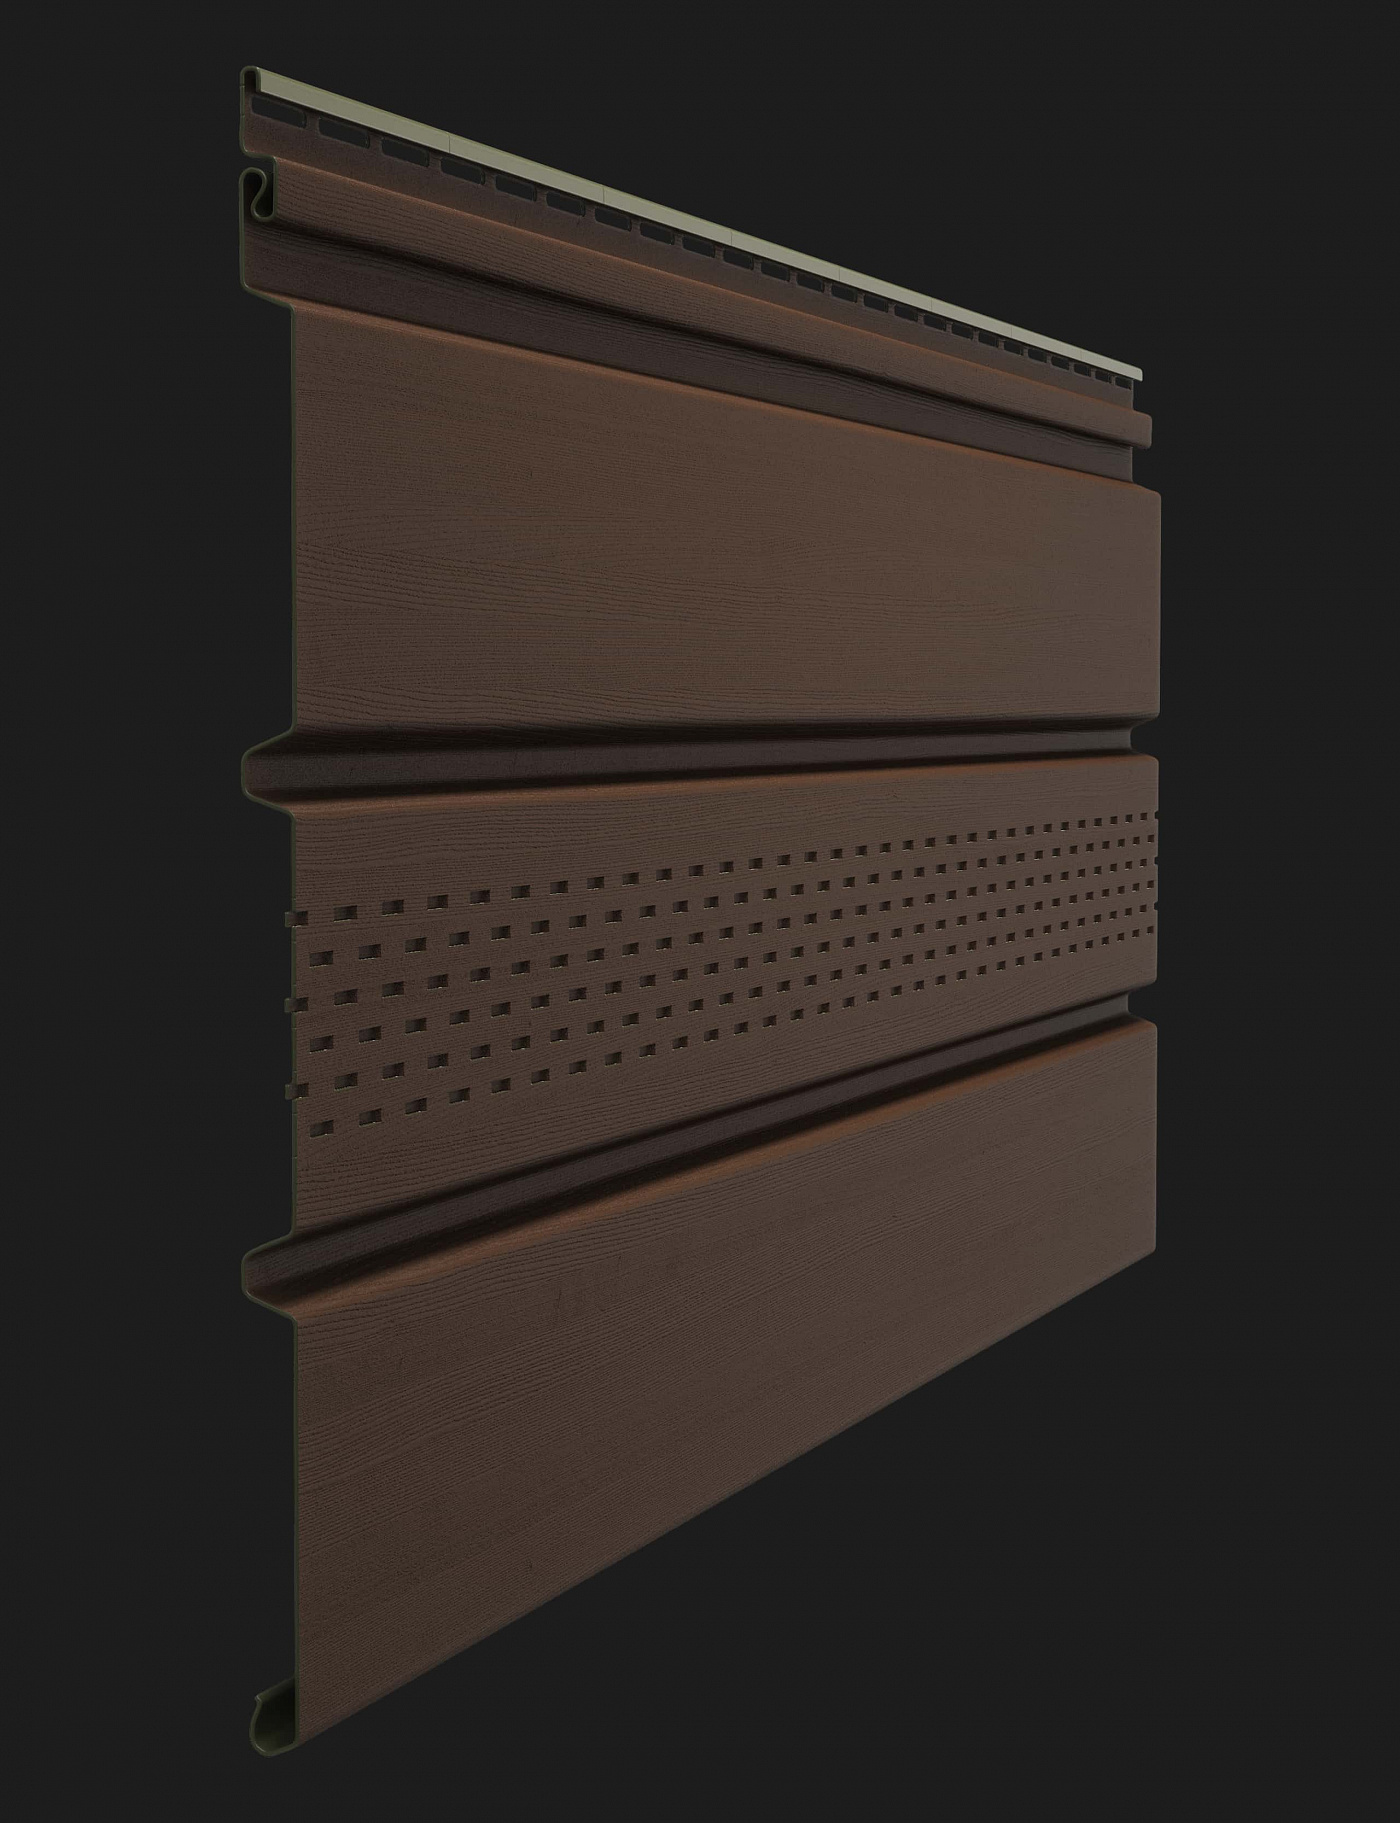 Софит виниловый Docke Premium T4 с центральной перфорацией 3000 мм Каштан